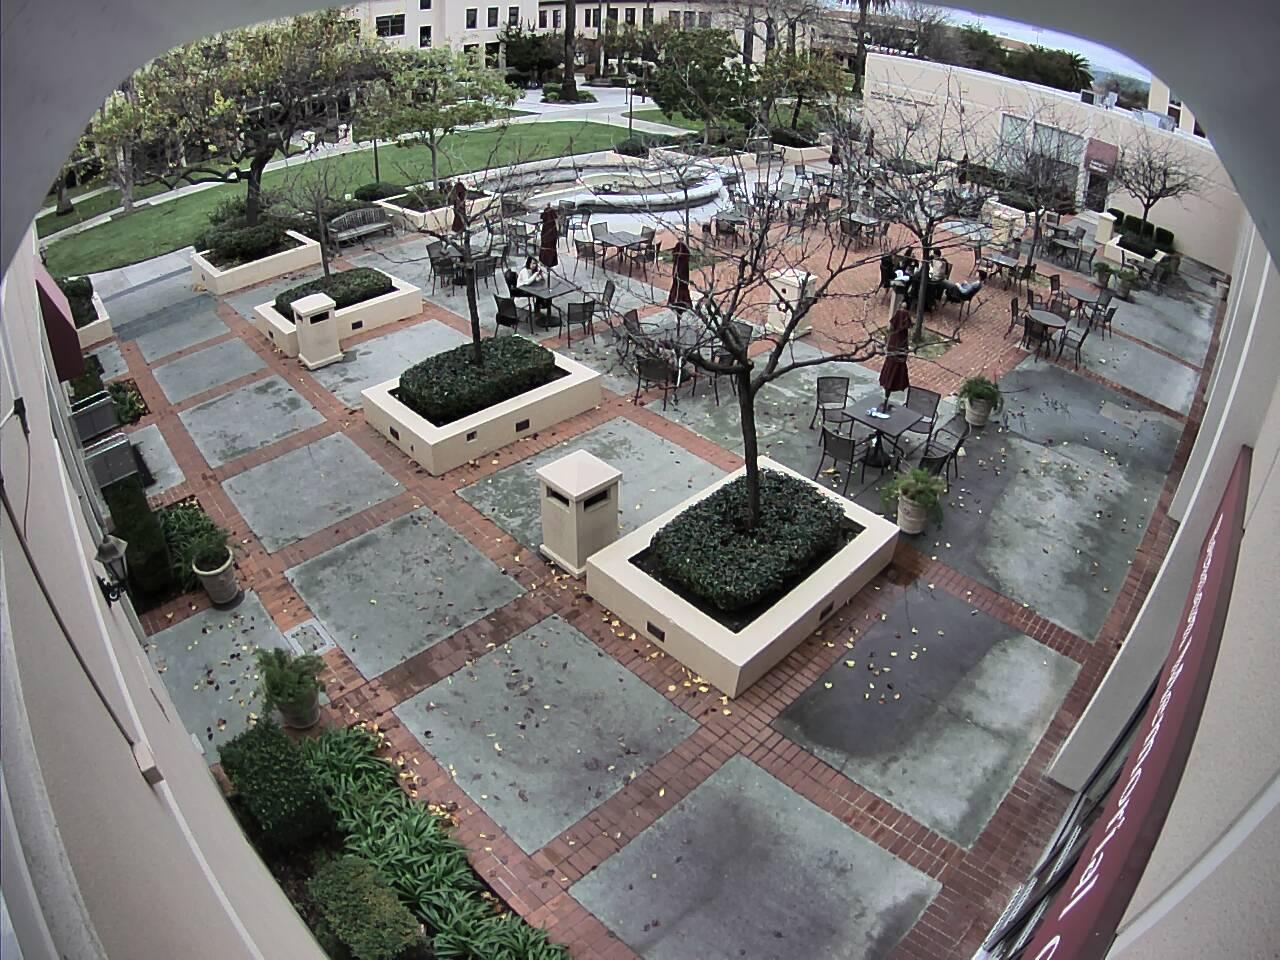 Benson Fountain